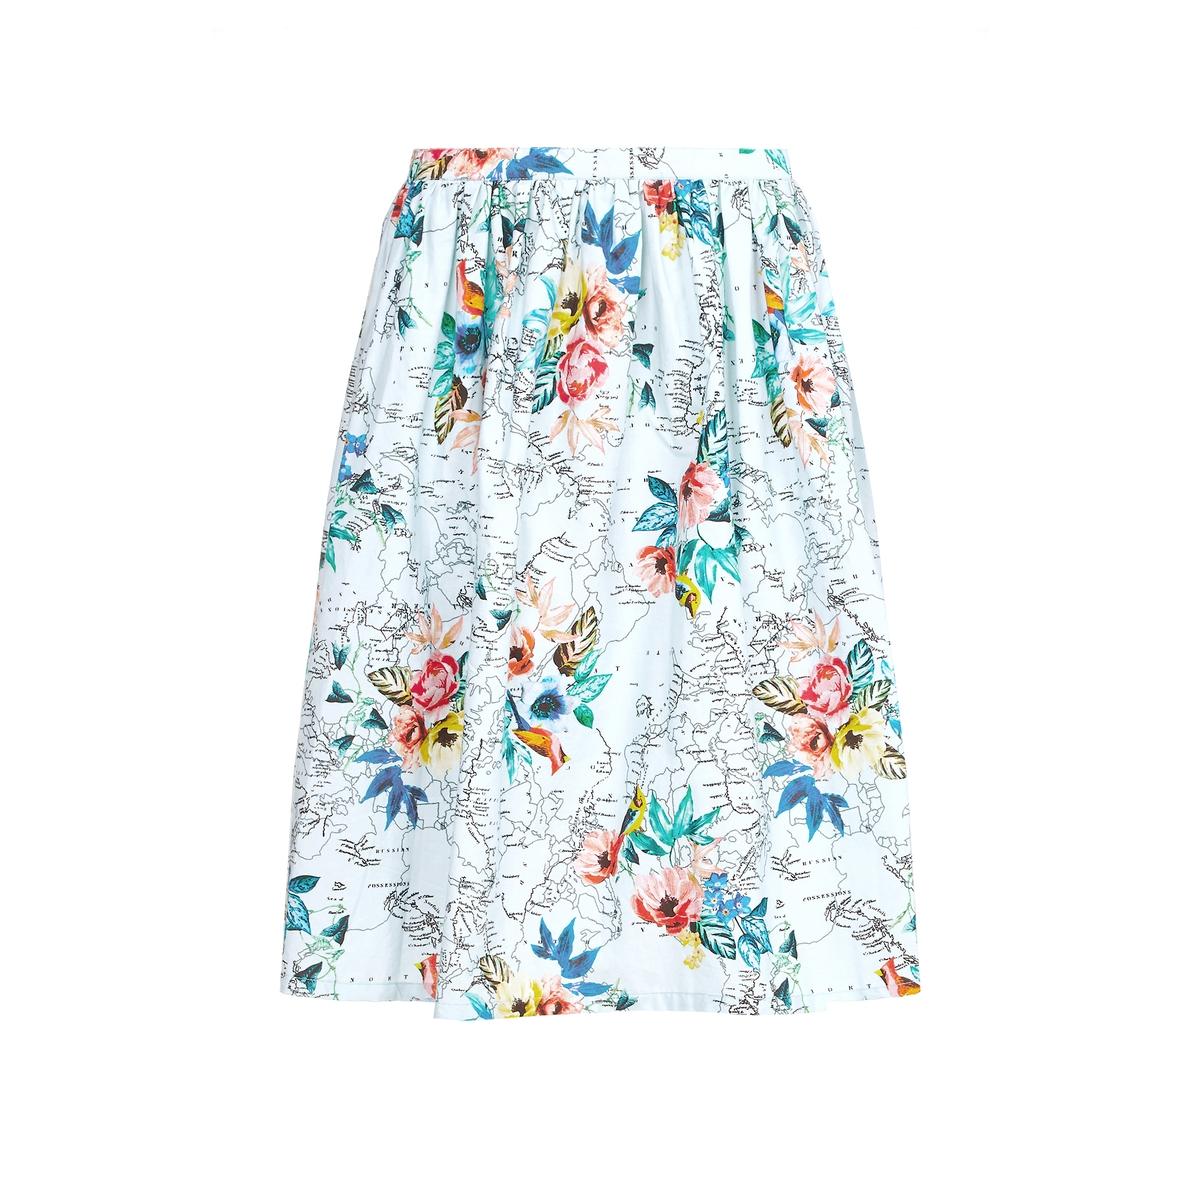 Юбка длиной до колен с цветочным рисунком overall yumi overall